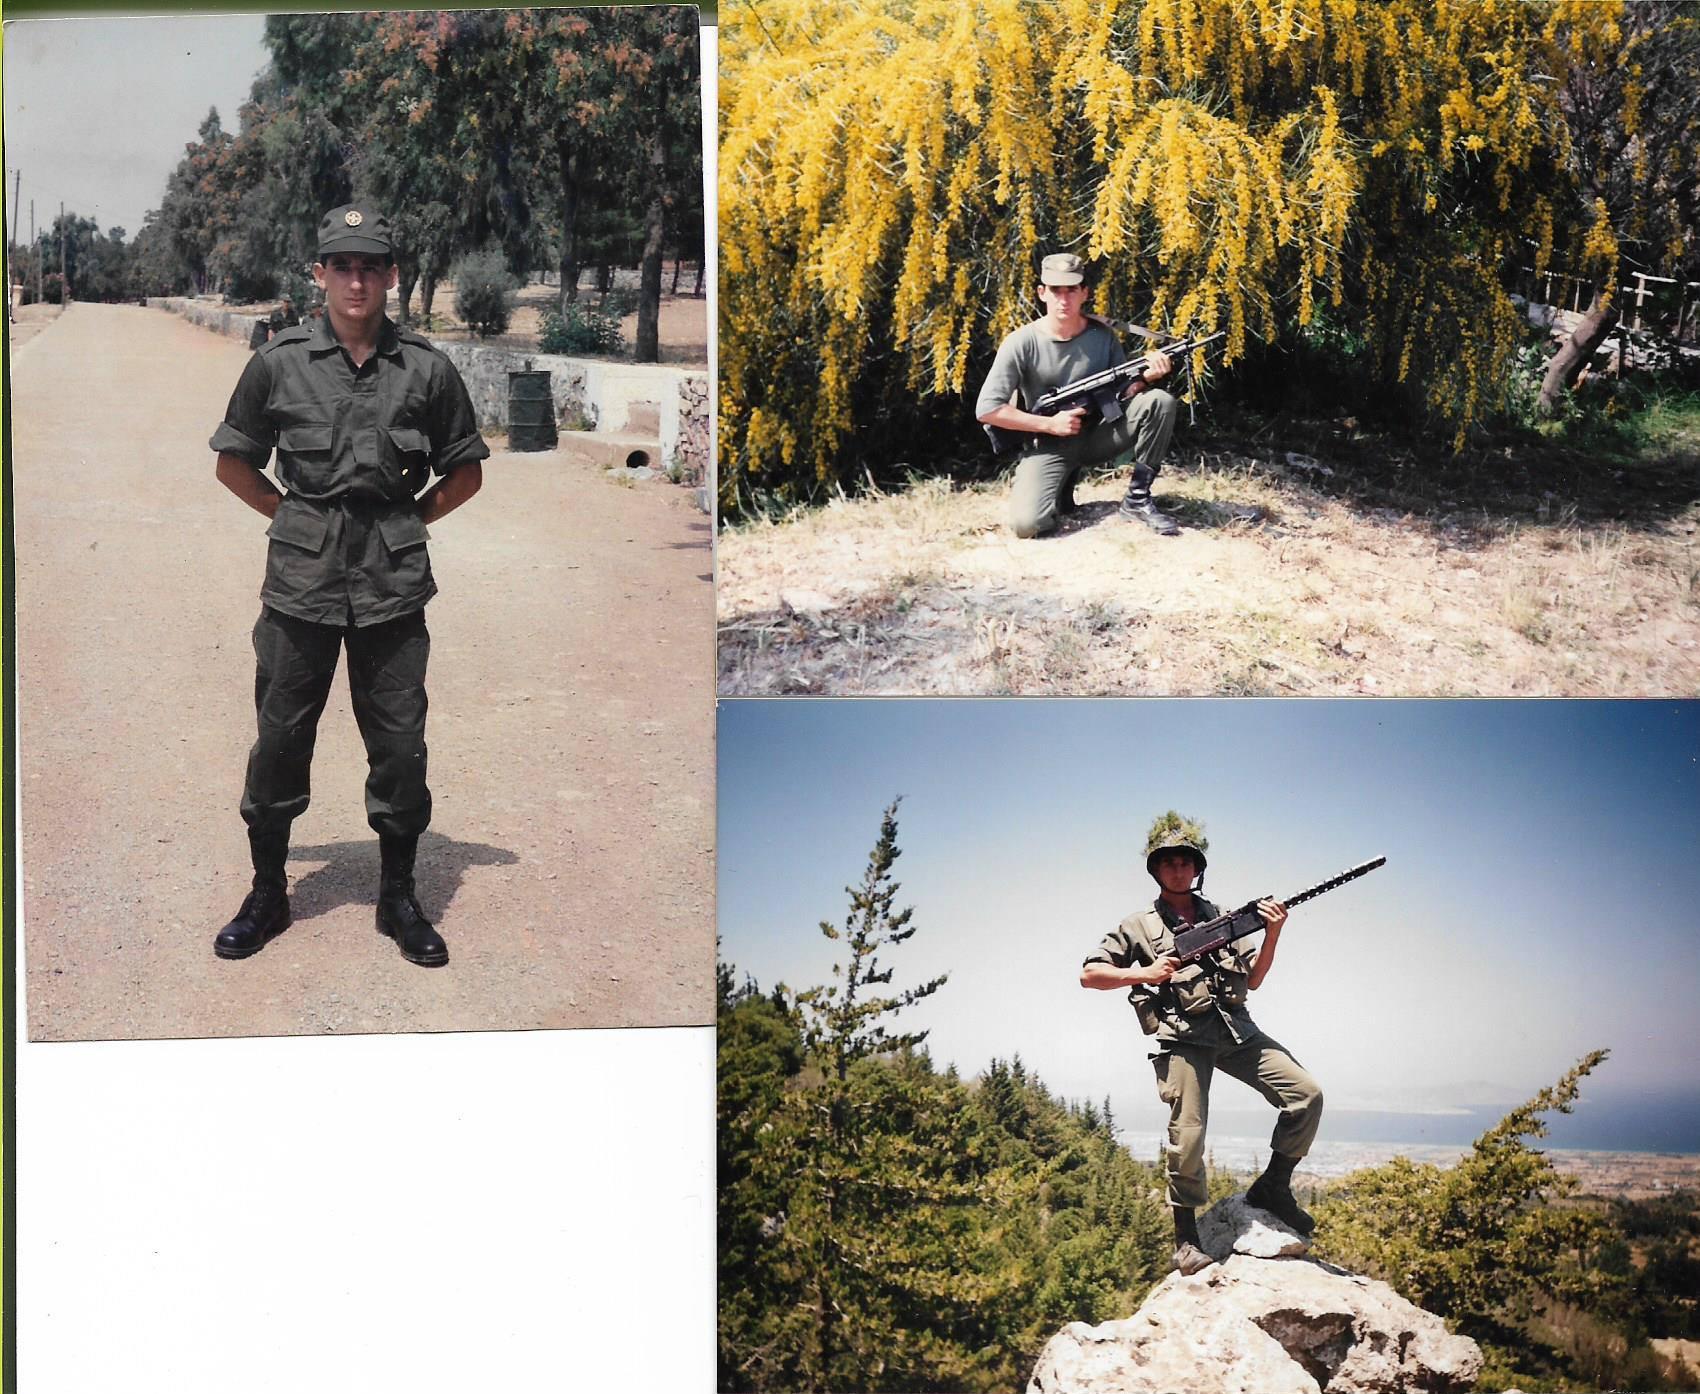 201 Σειρά, Κως, 89-90, Πυροβολικό, ΠΑΡΩΝ